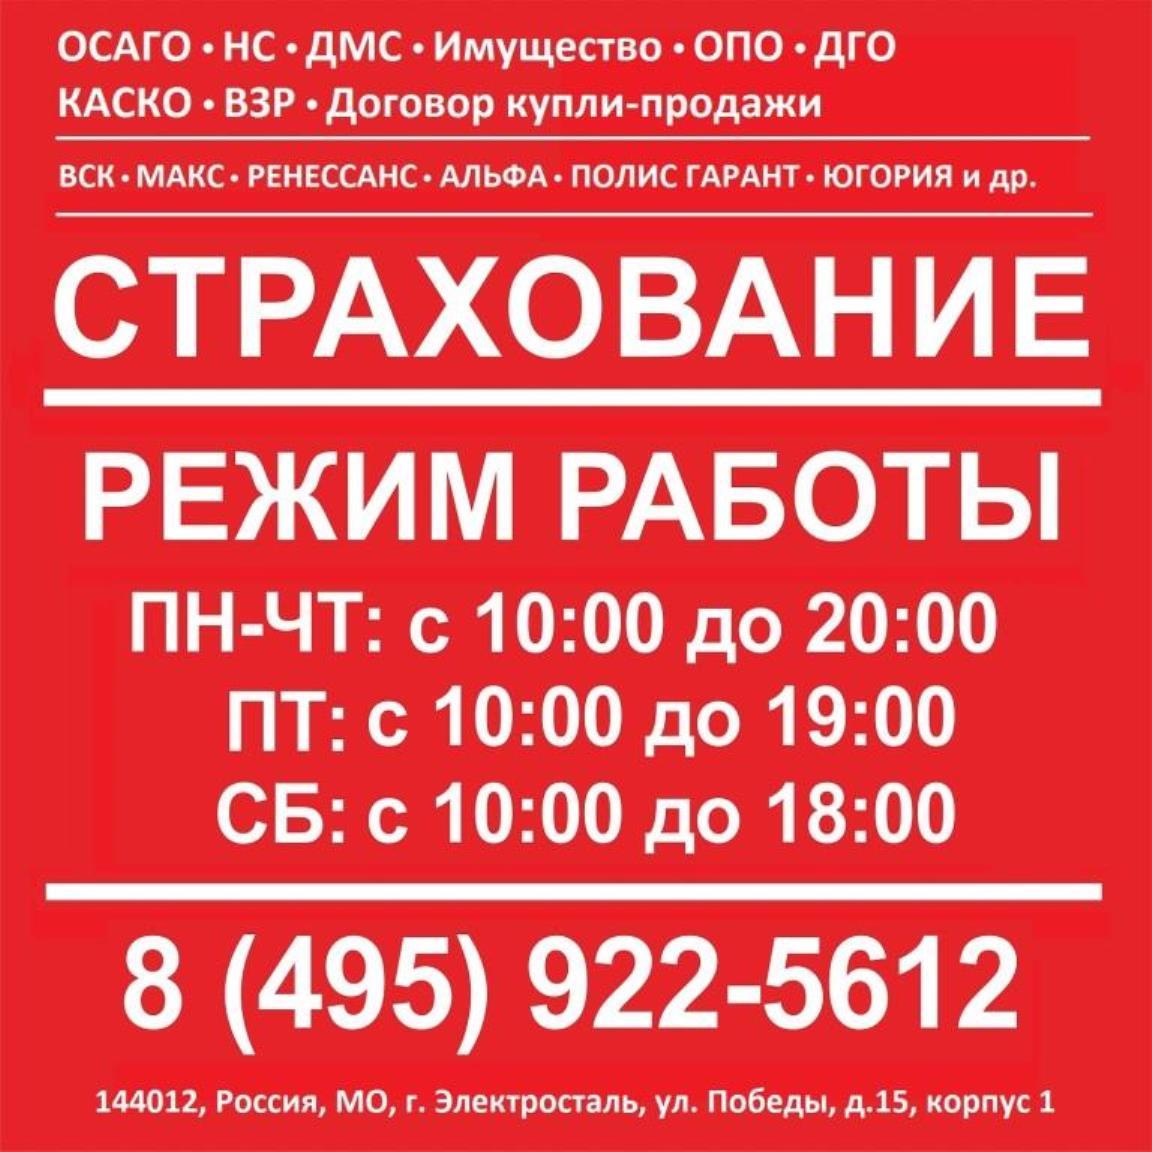 Страхование ОСАГО КАСКО ДМС в ВСК МАКС Ресо Росгосстрах в Электростали